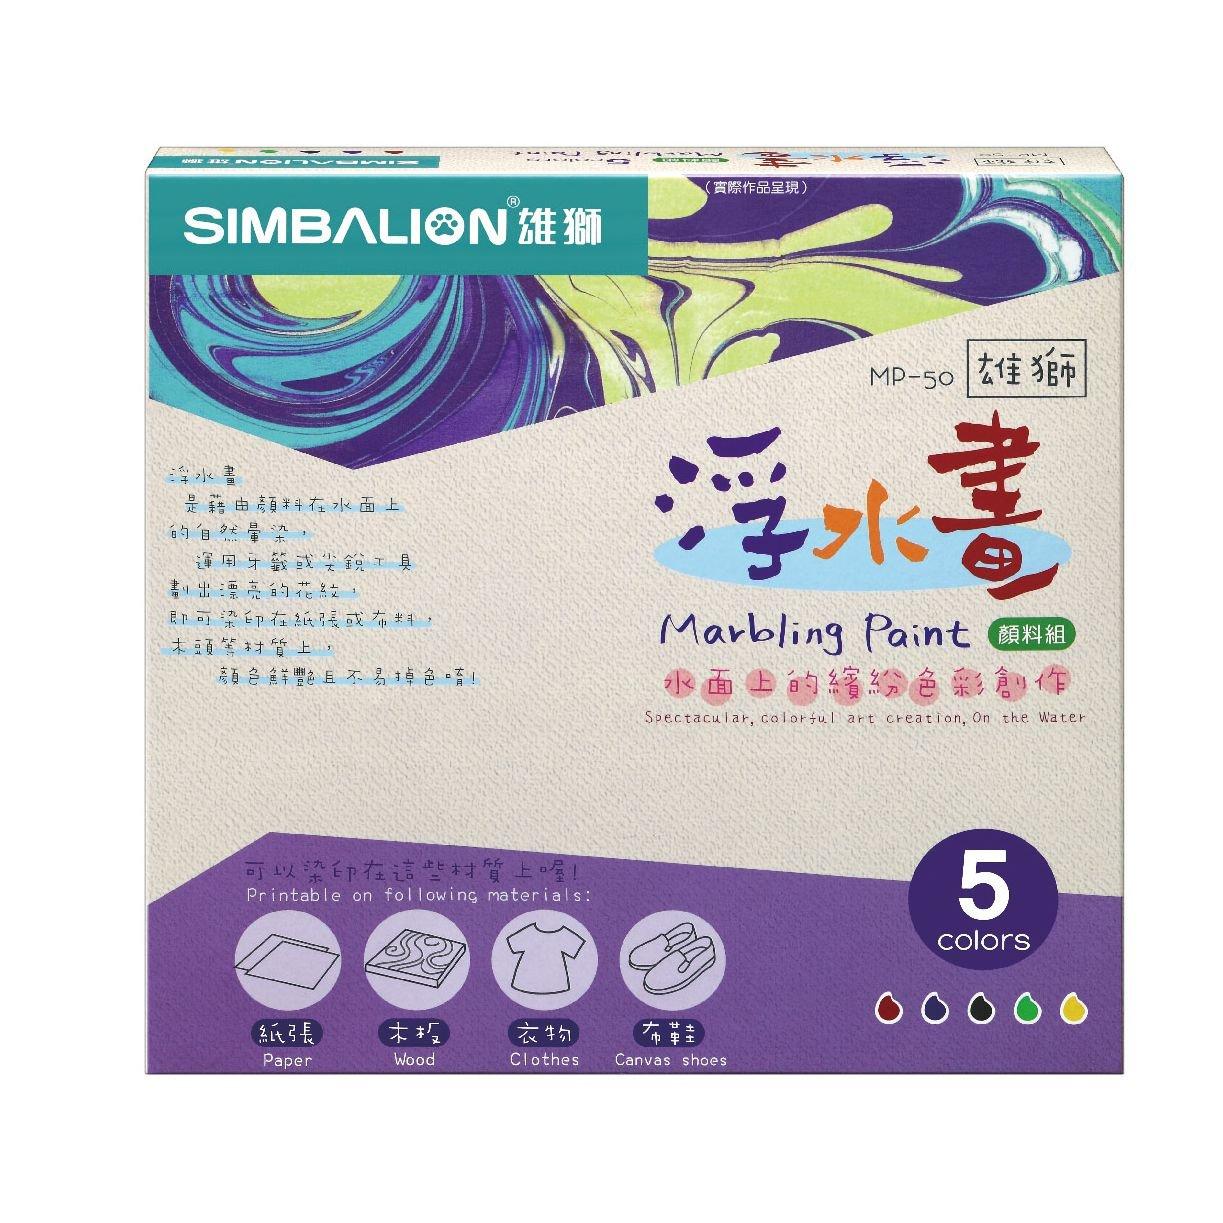 simbalion 雄狮 浮水画颜料组